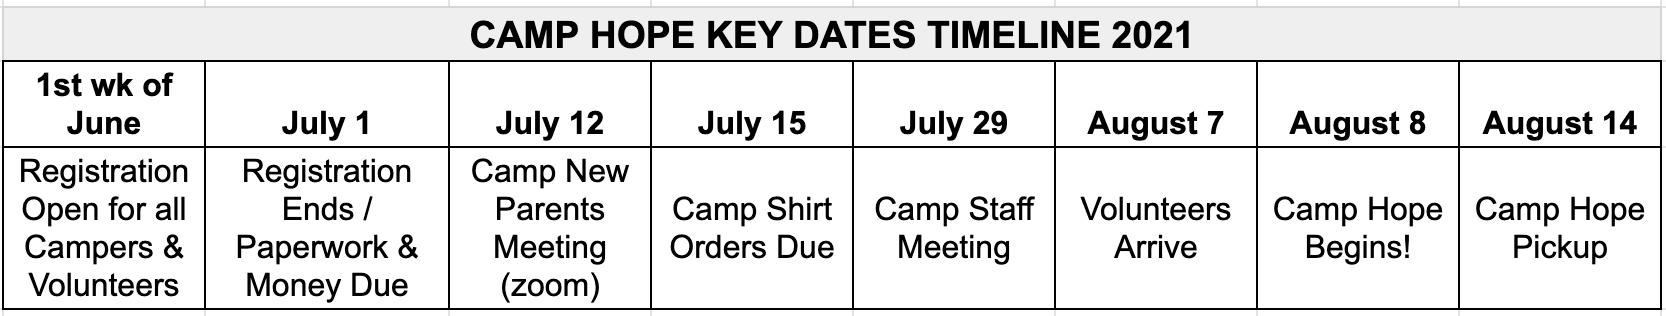 Camp Hope Timeline 2021